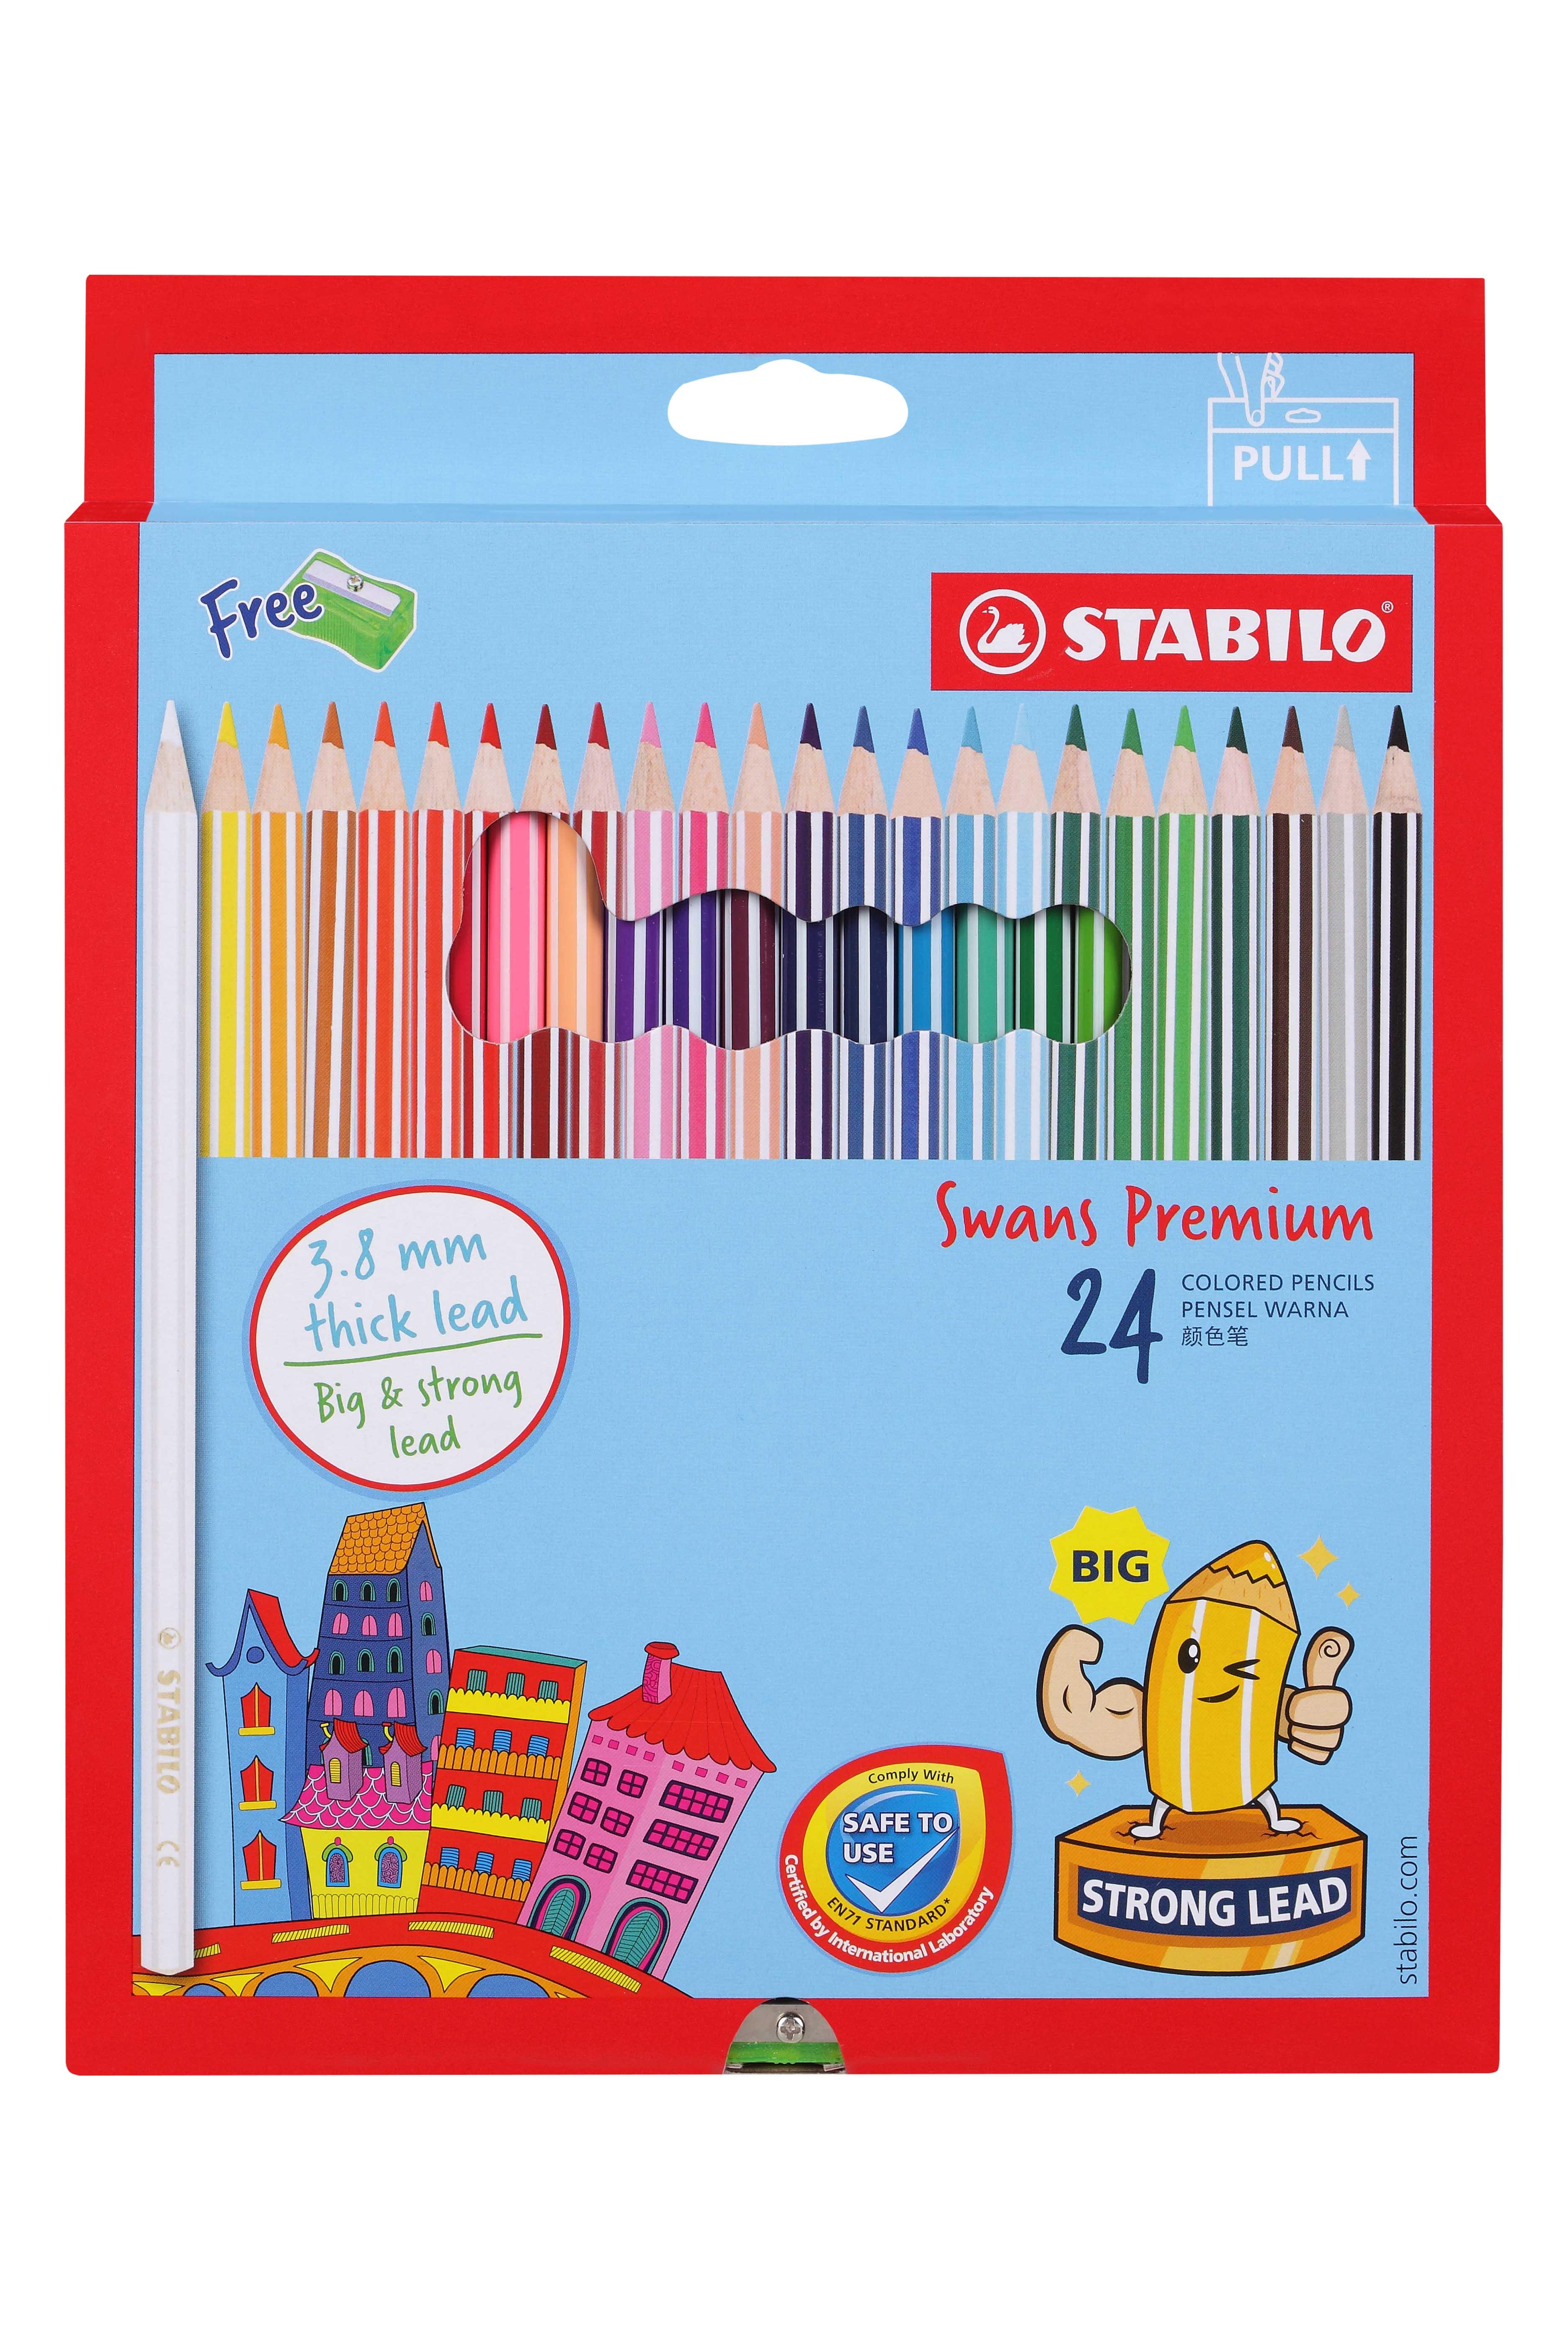 STABILO Swans Premium Colored Pencil